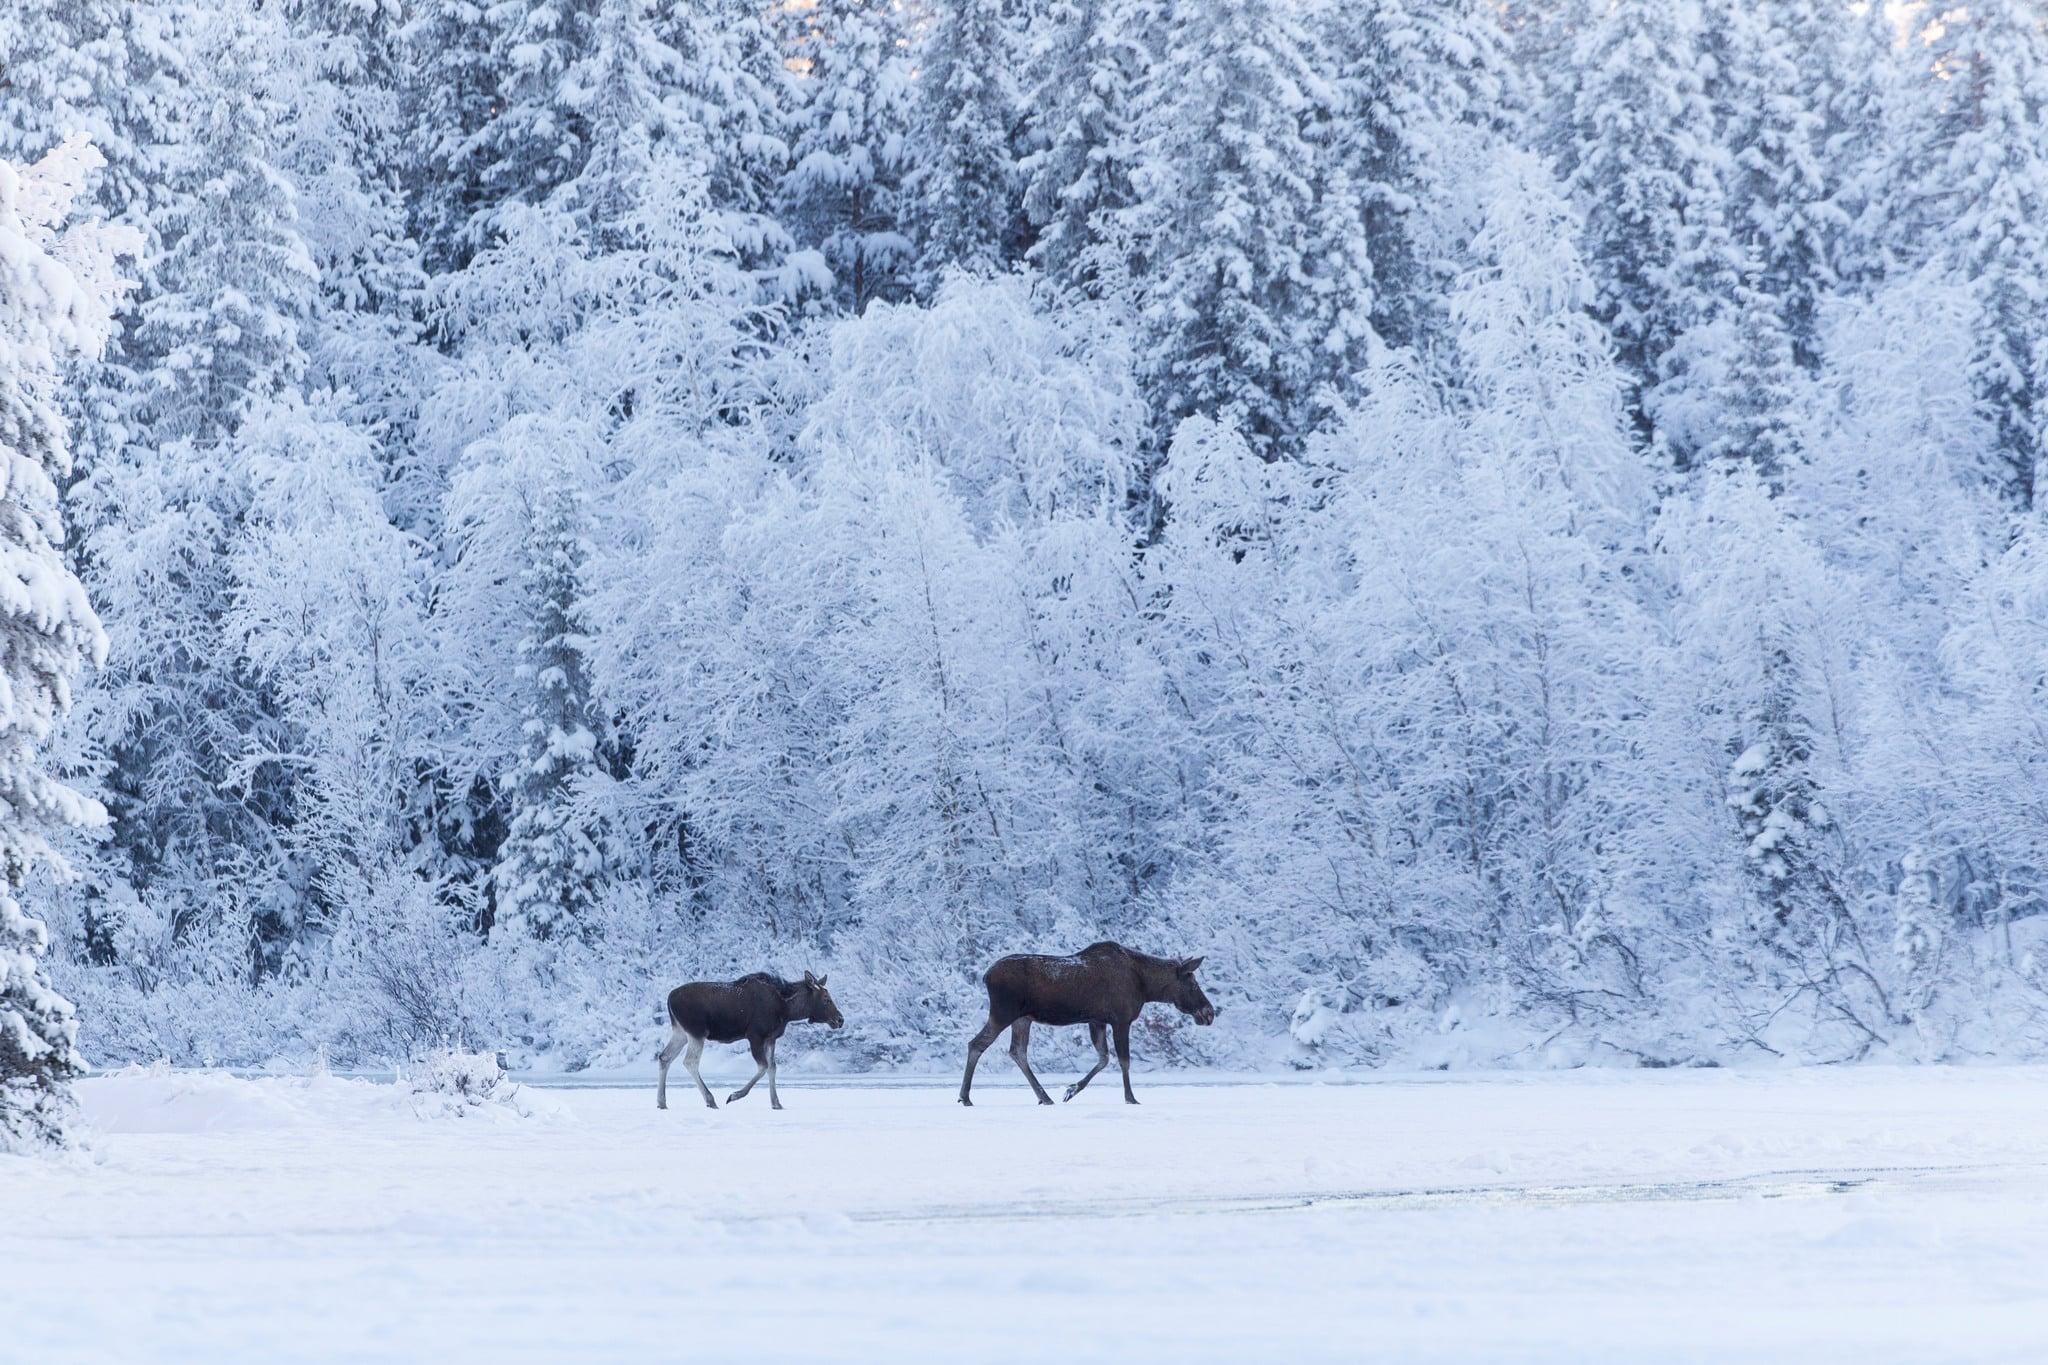 Länsstyrelsen i Västra Götaland fick bakläxa av Naturvårdsverket när man beslutade att vuxna älgar inte skulle få jagas i januari och februari. Foto: Kjell-Erik Moseid